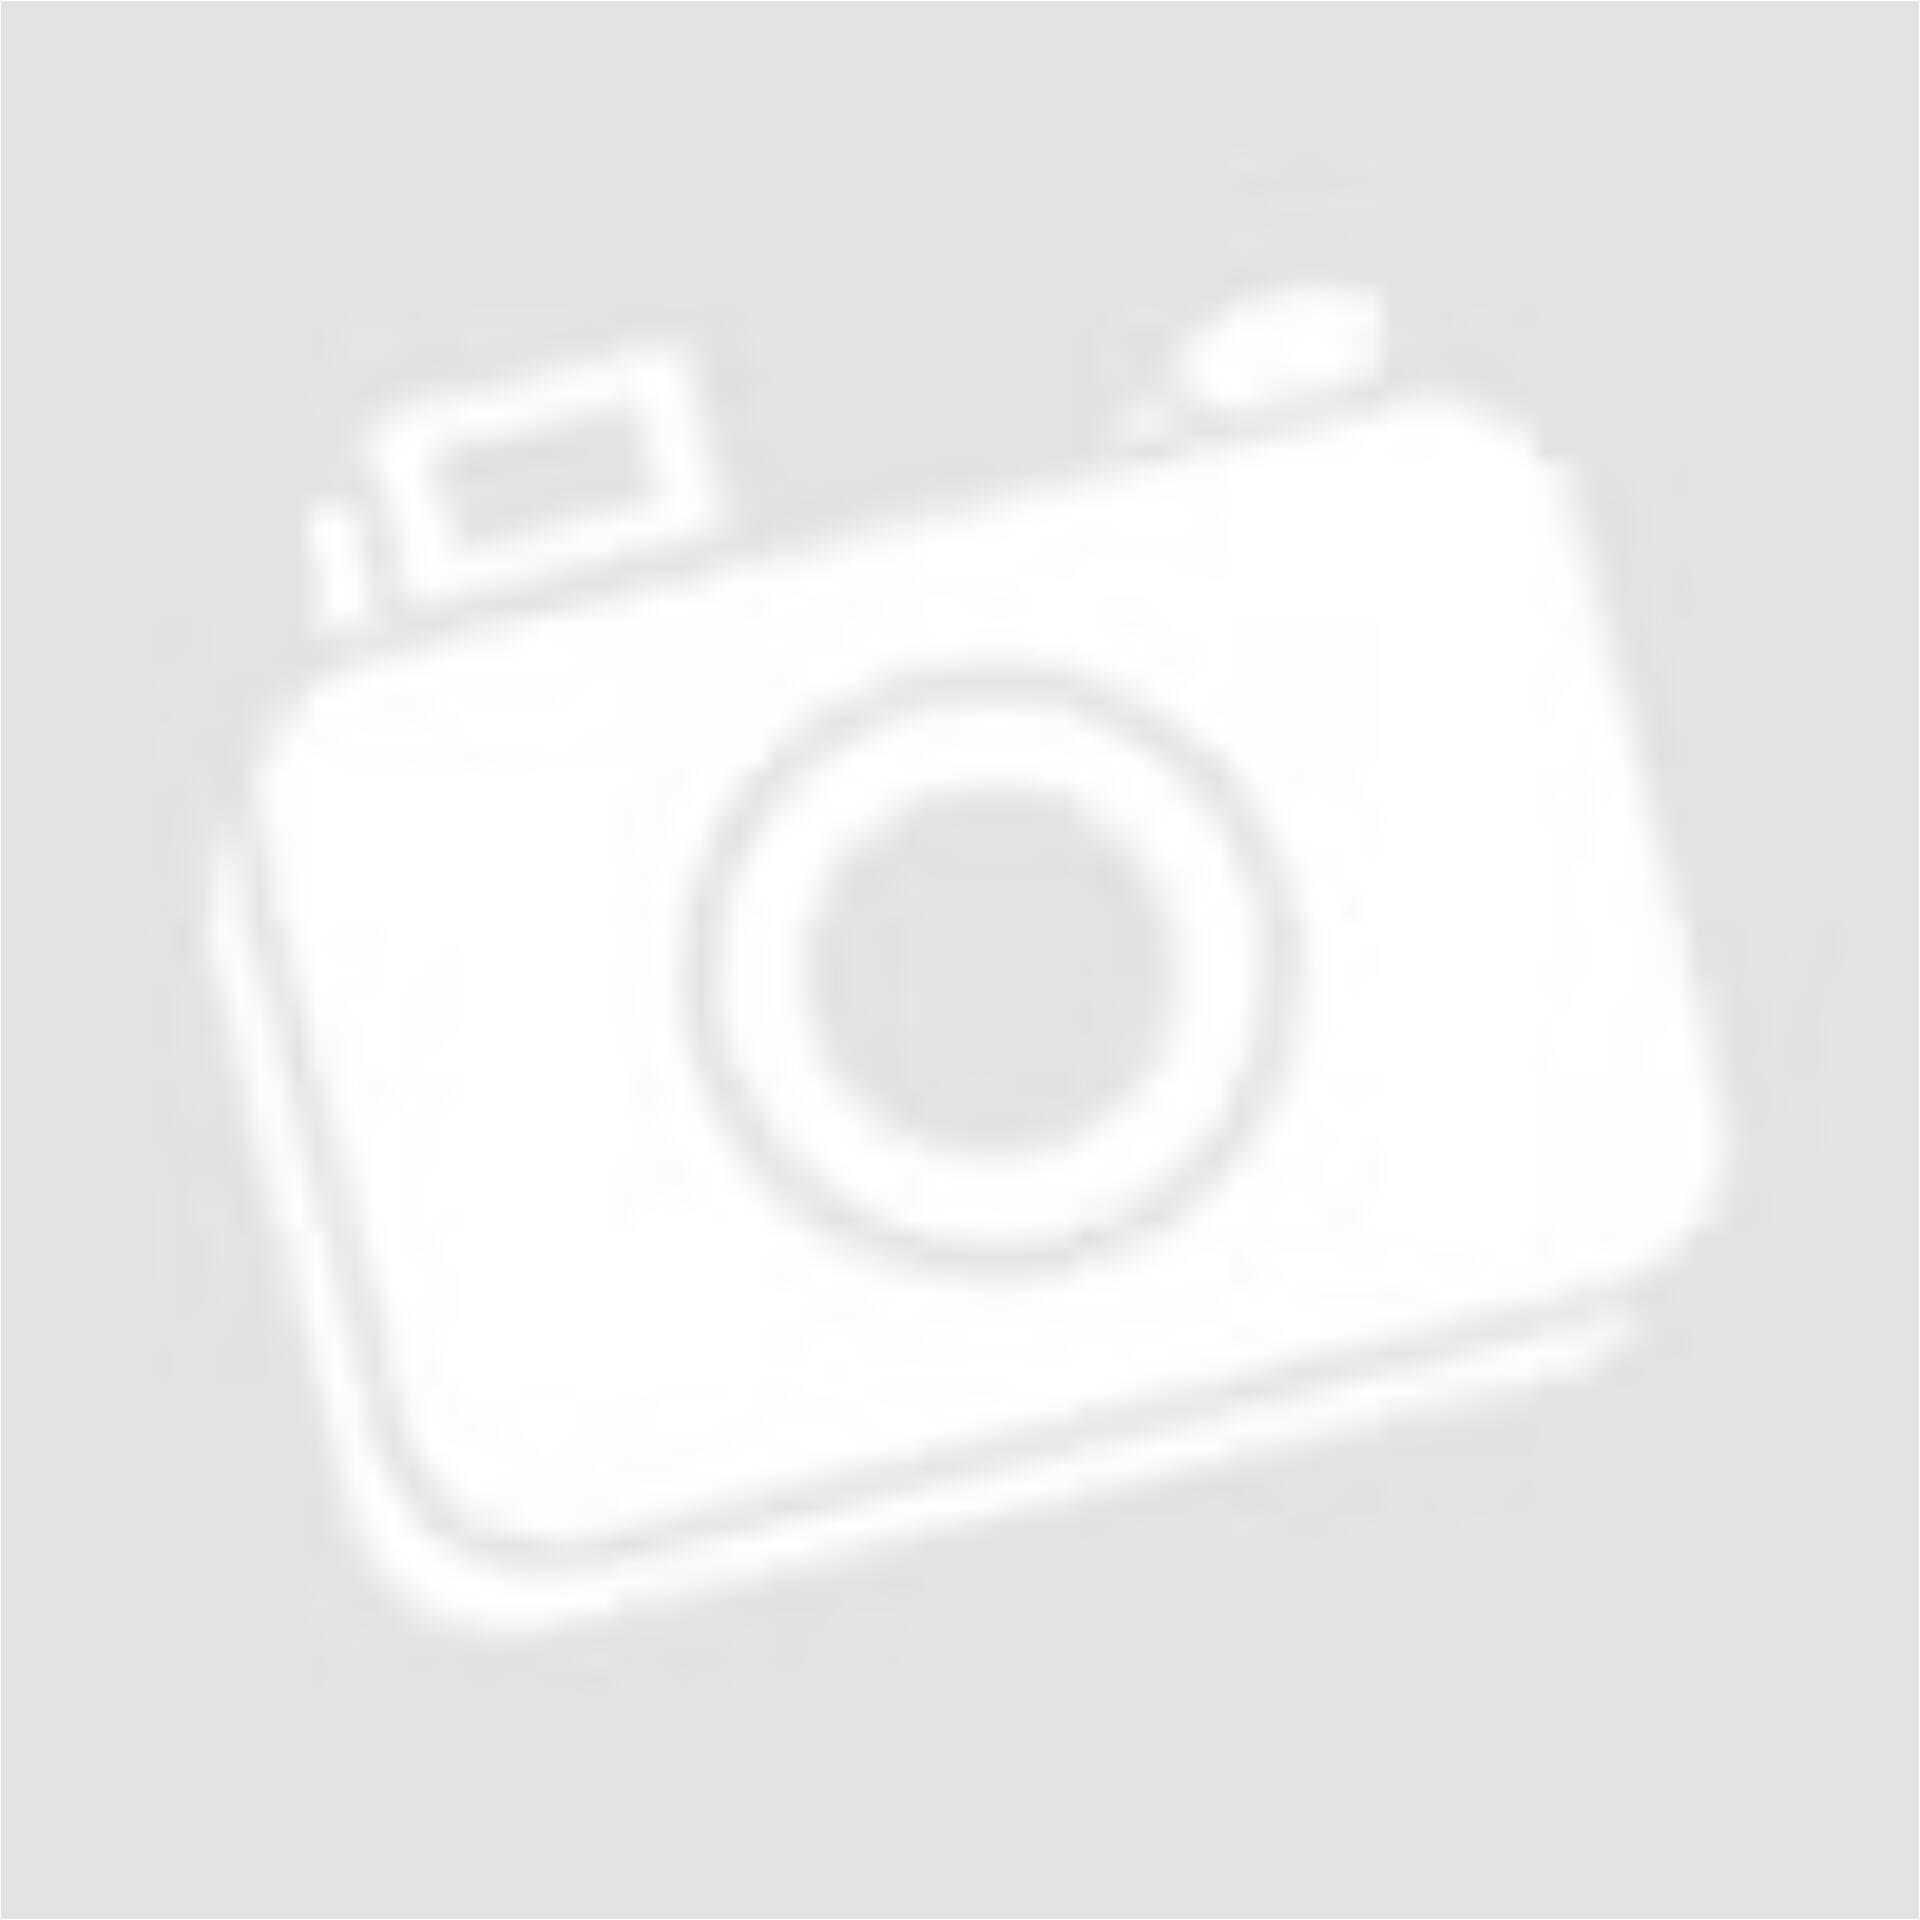 a2dac78ad0cb Zöld virágos rugalmas trikó (Méret: XXXL+) - Női póló, trikó, topp ...